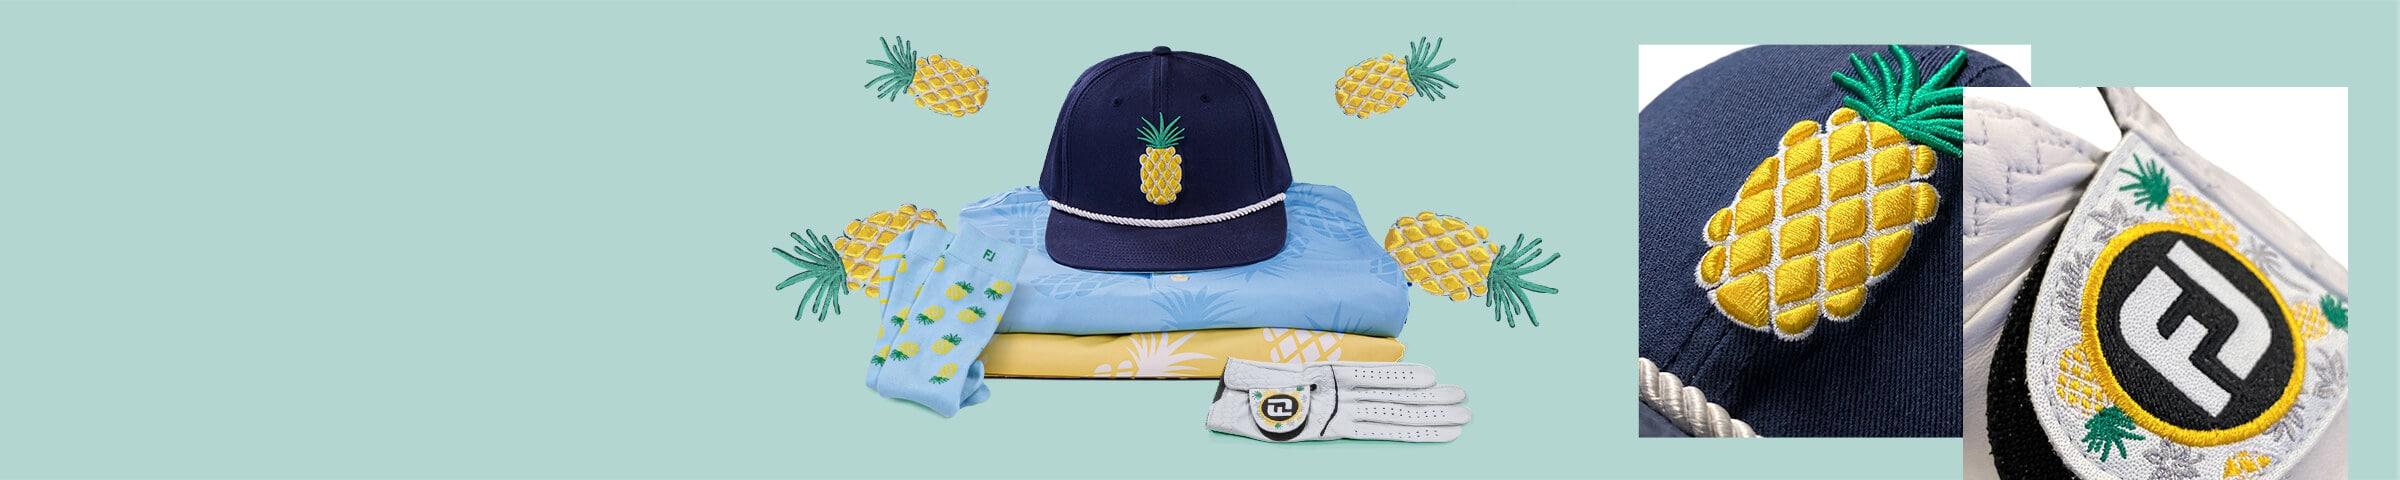 FootJoy 2020 Aloha Pineapple Collection